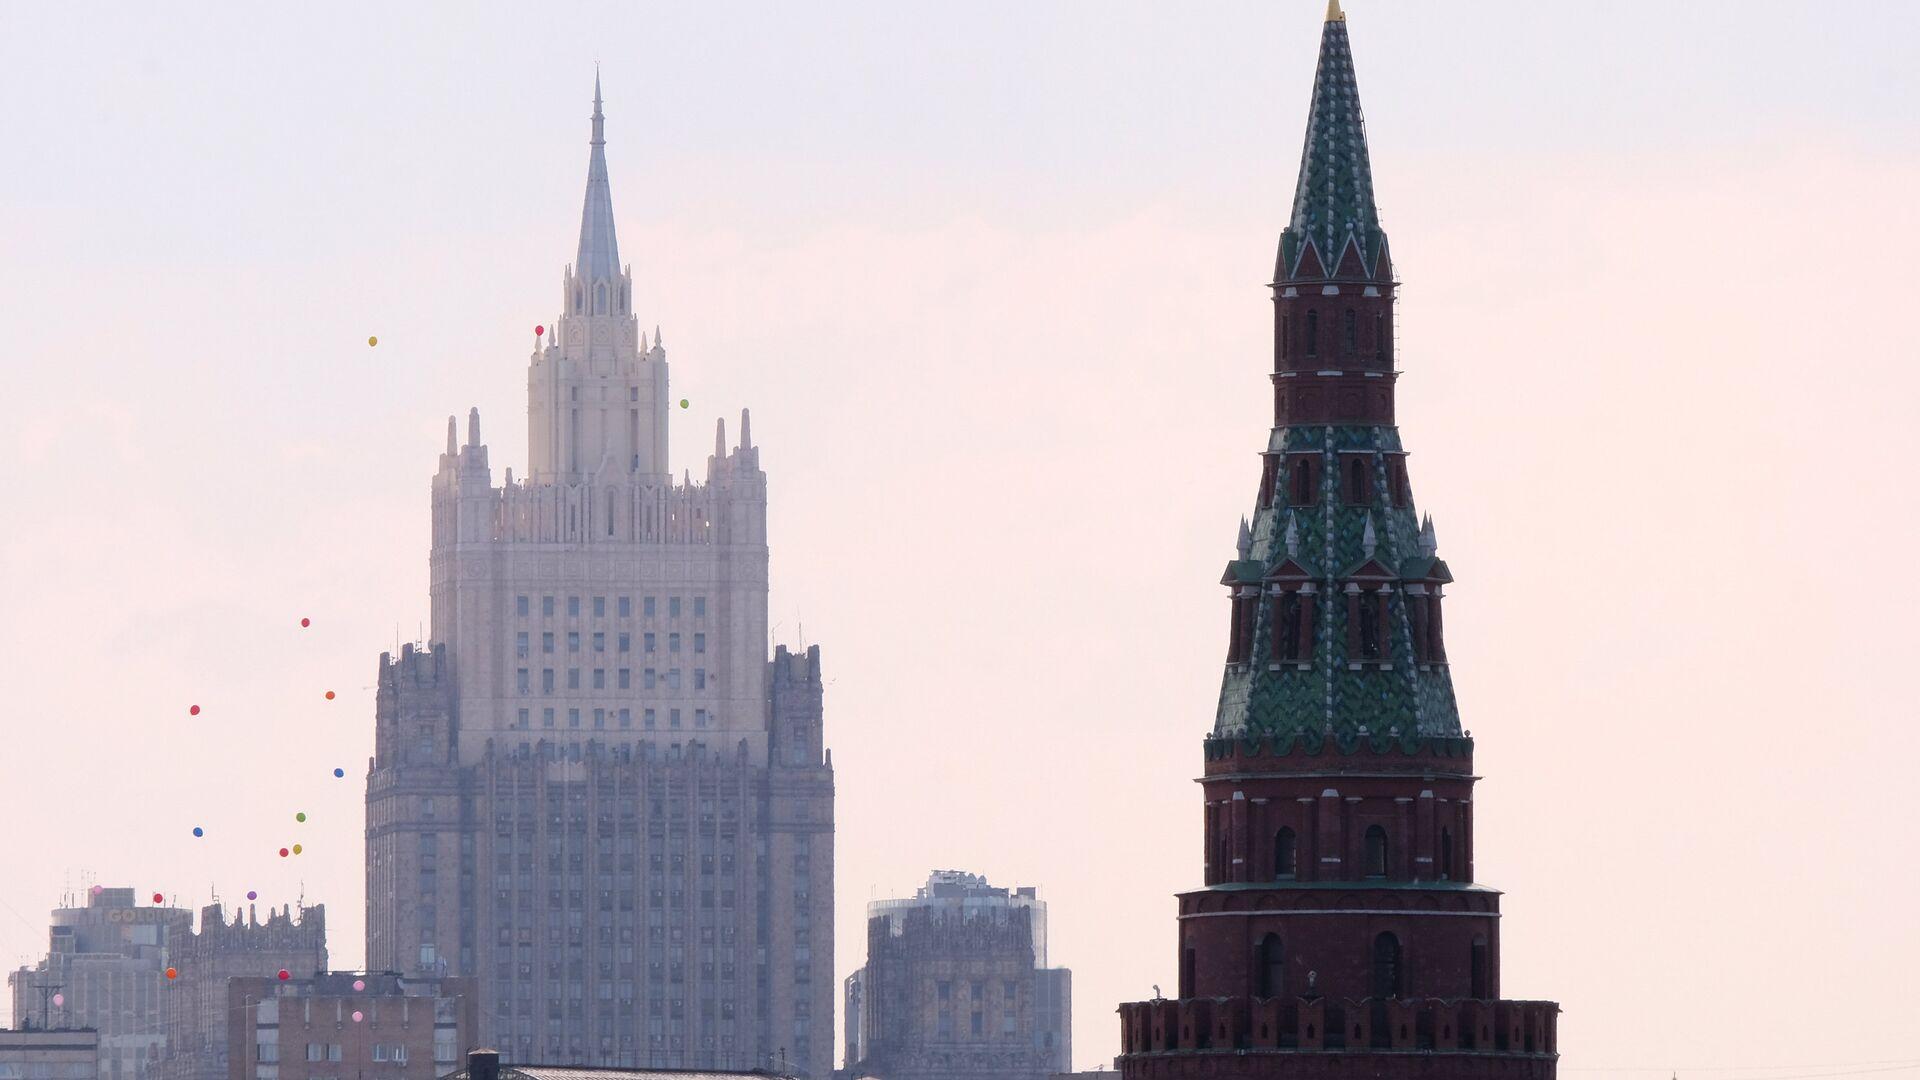 Una de las torres del Kremlin y el Ministerio de Asuntos Exteriores de Rusia - Sputnik Mundo, 1920, 09.06.2021